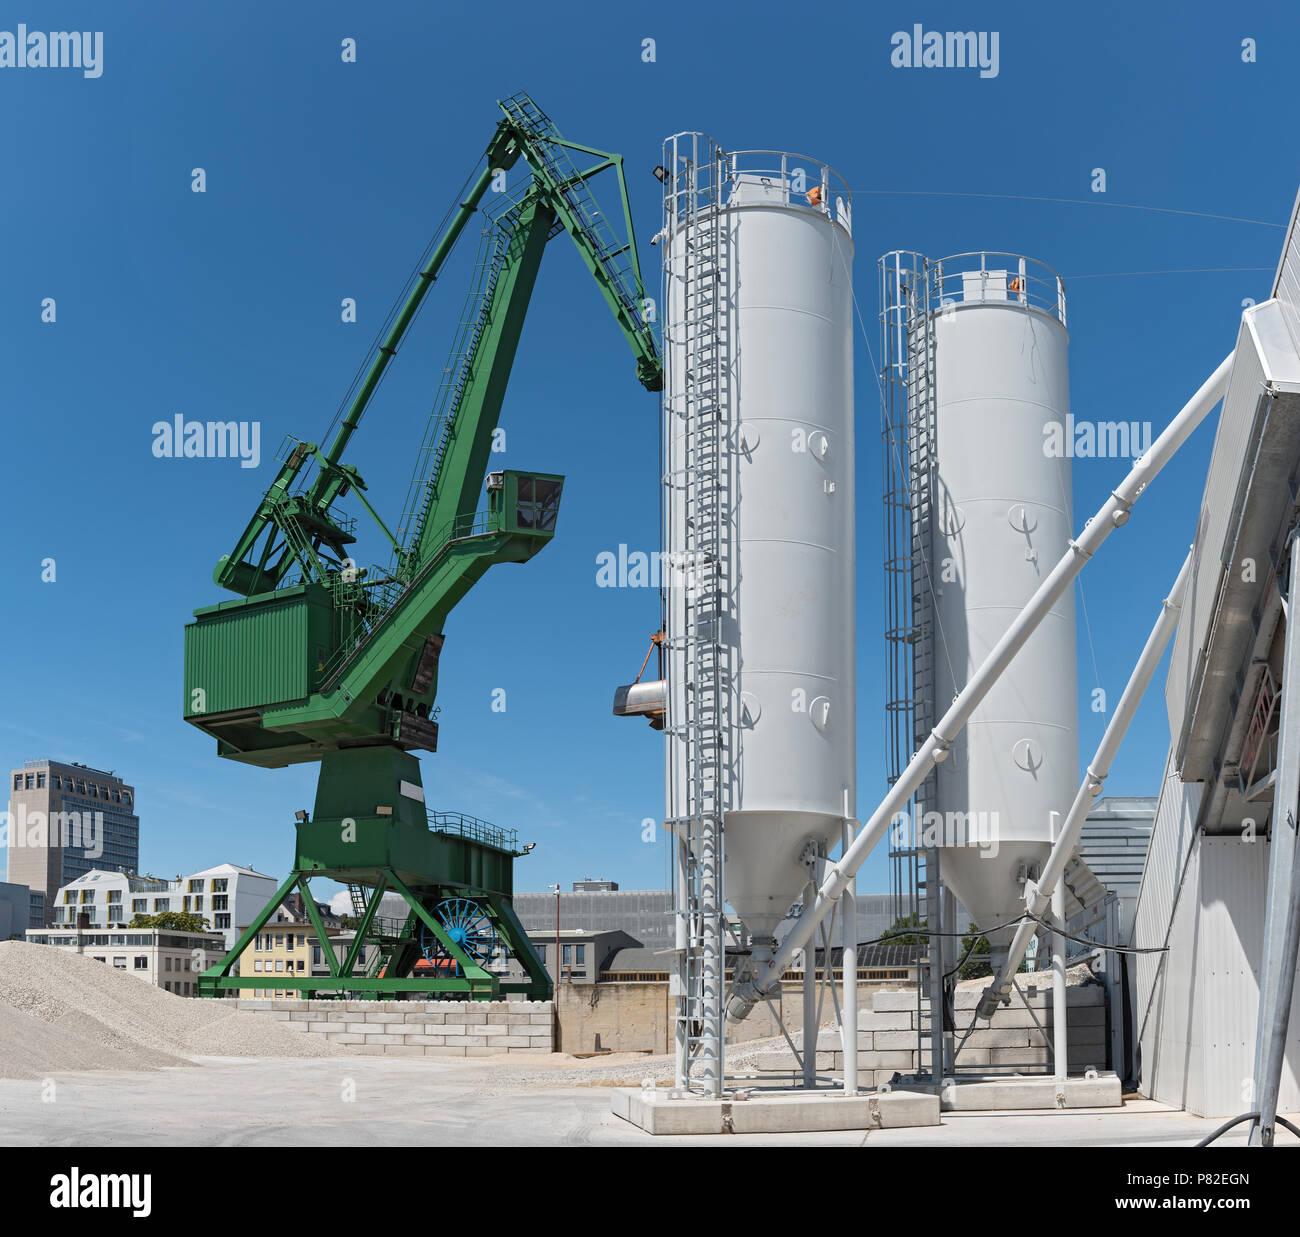 Vista exterior de una fábrica de cemento con grúa verde. Imagen De Stock